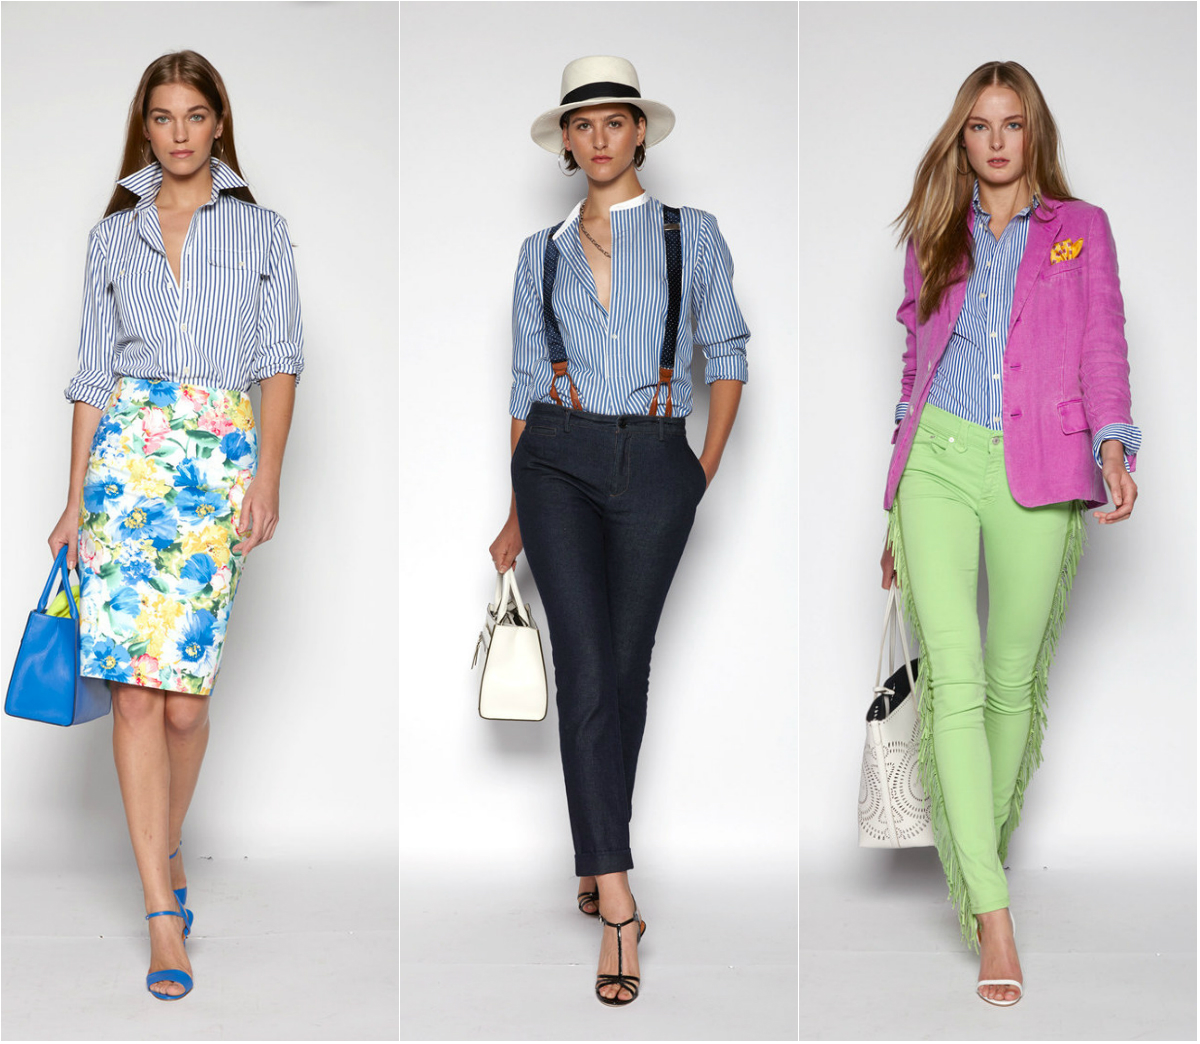 b9381afcd0c Модные Женские Рубашки Весна Лето 2016  Белые